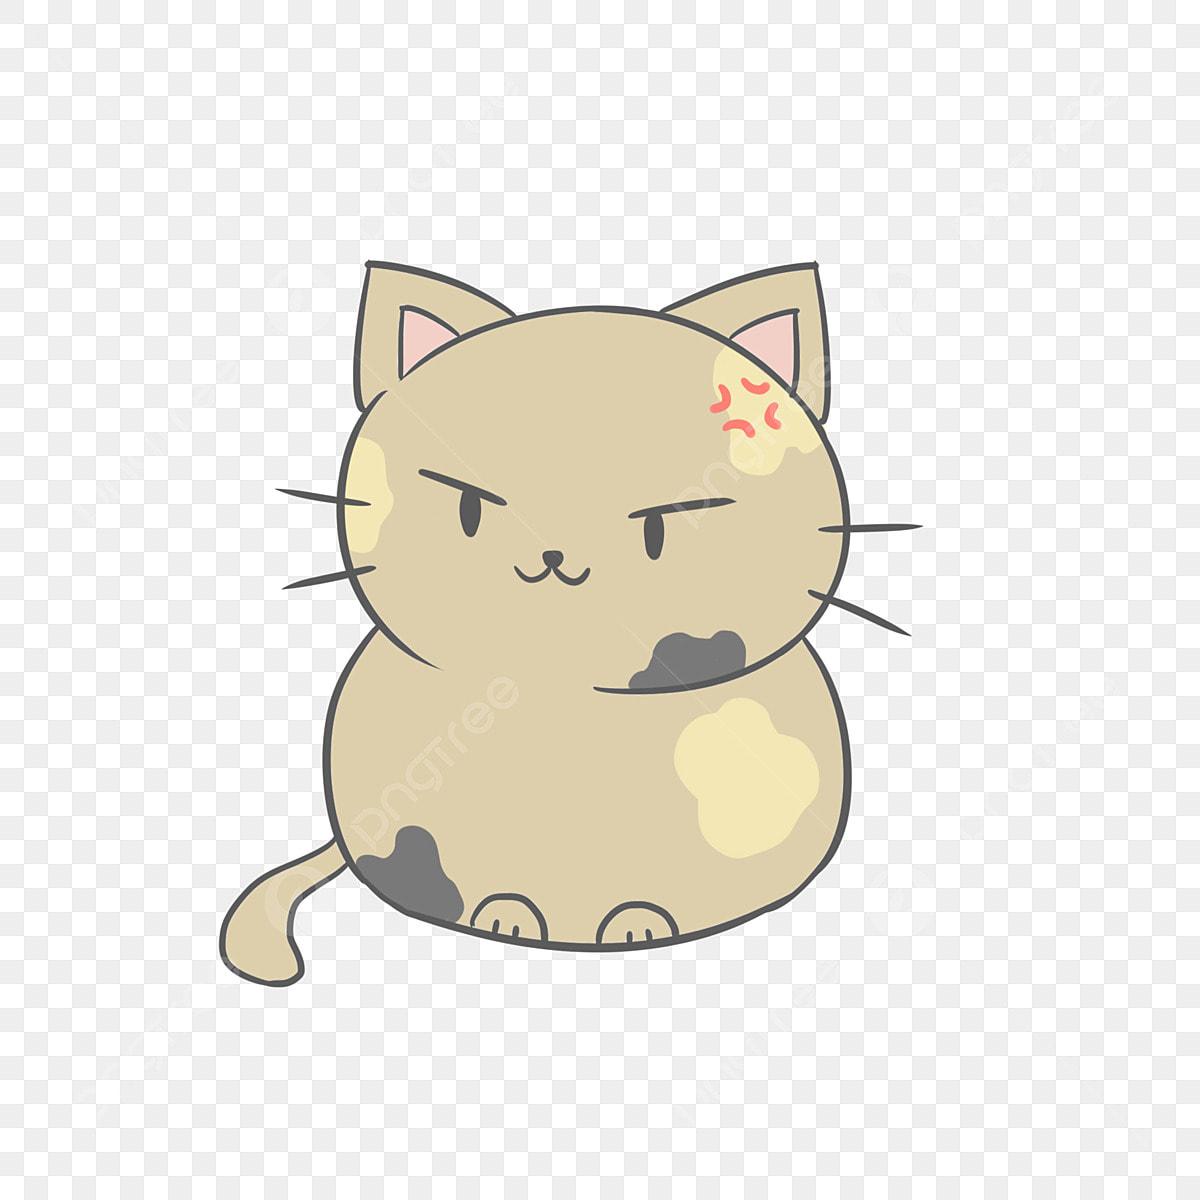 Gambar Kartun Comel Jepun Ekspresi Kucing Segar Pak Universal 6 Comel Kartun Kucing Png Dan Psd Untuk Muat Turun Percuma